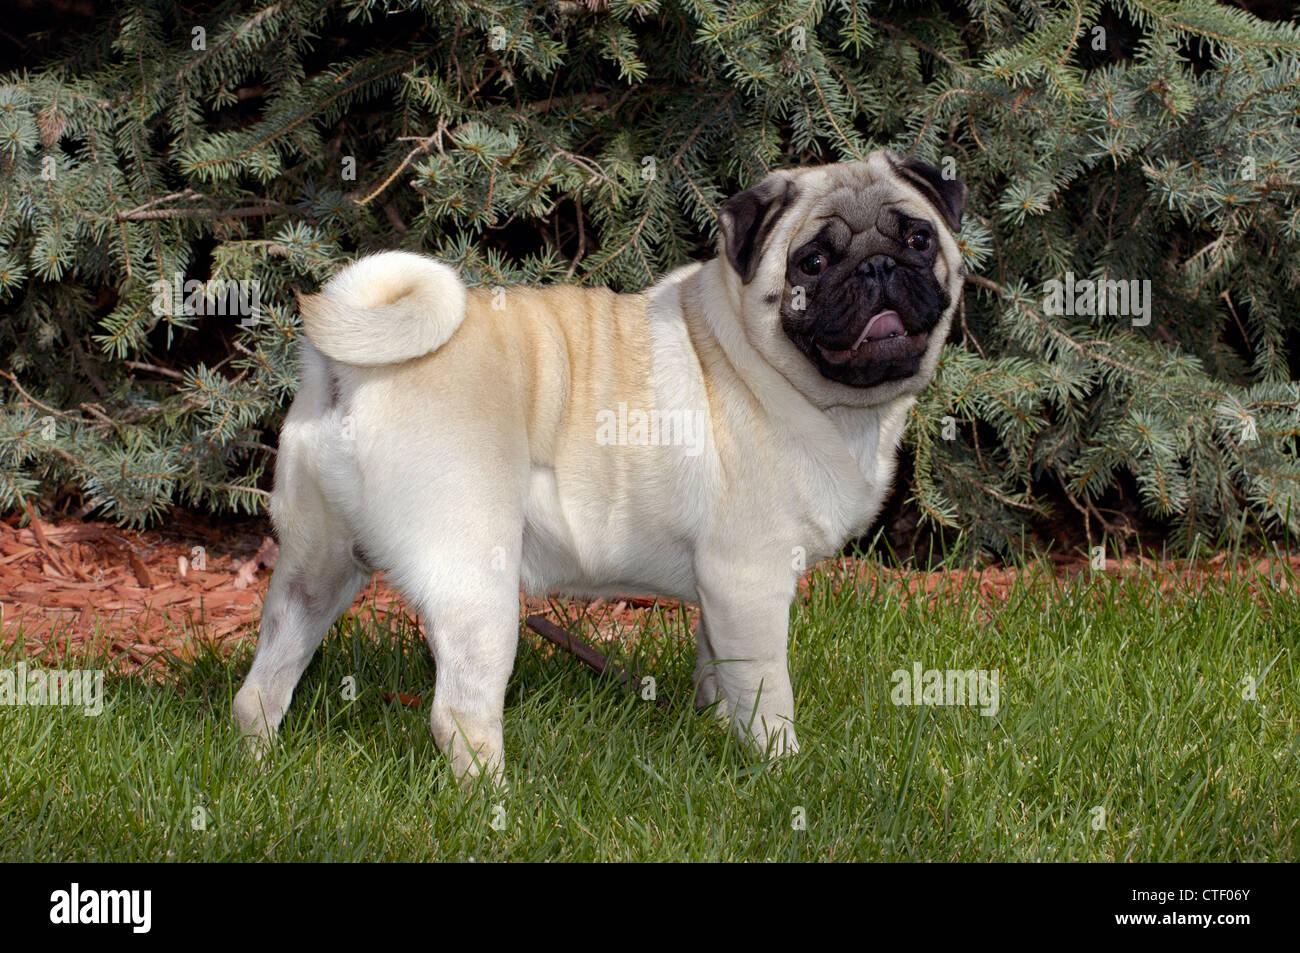 Pug standing - Stock Image